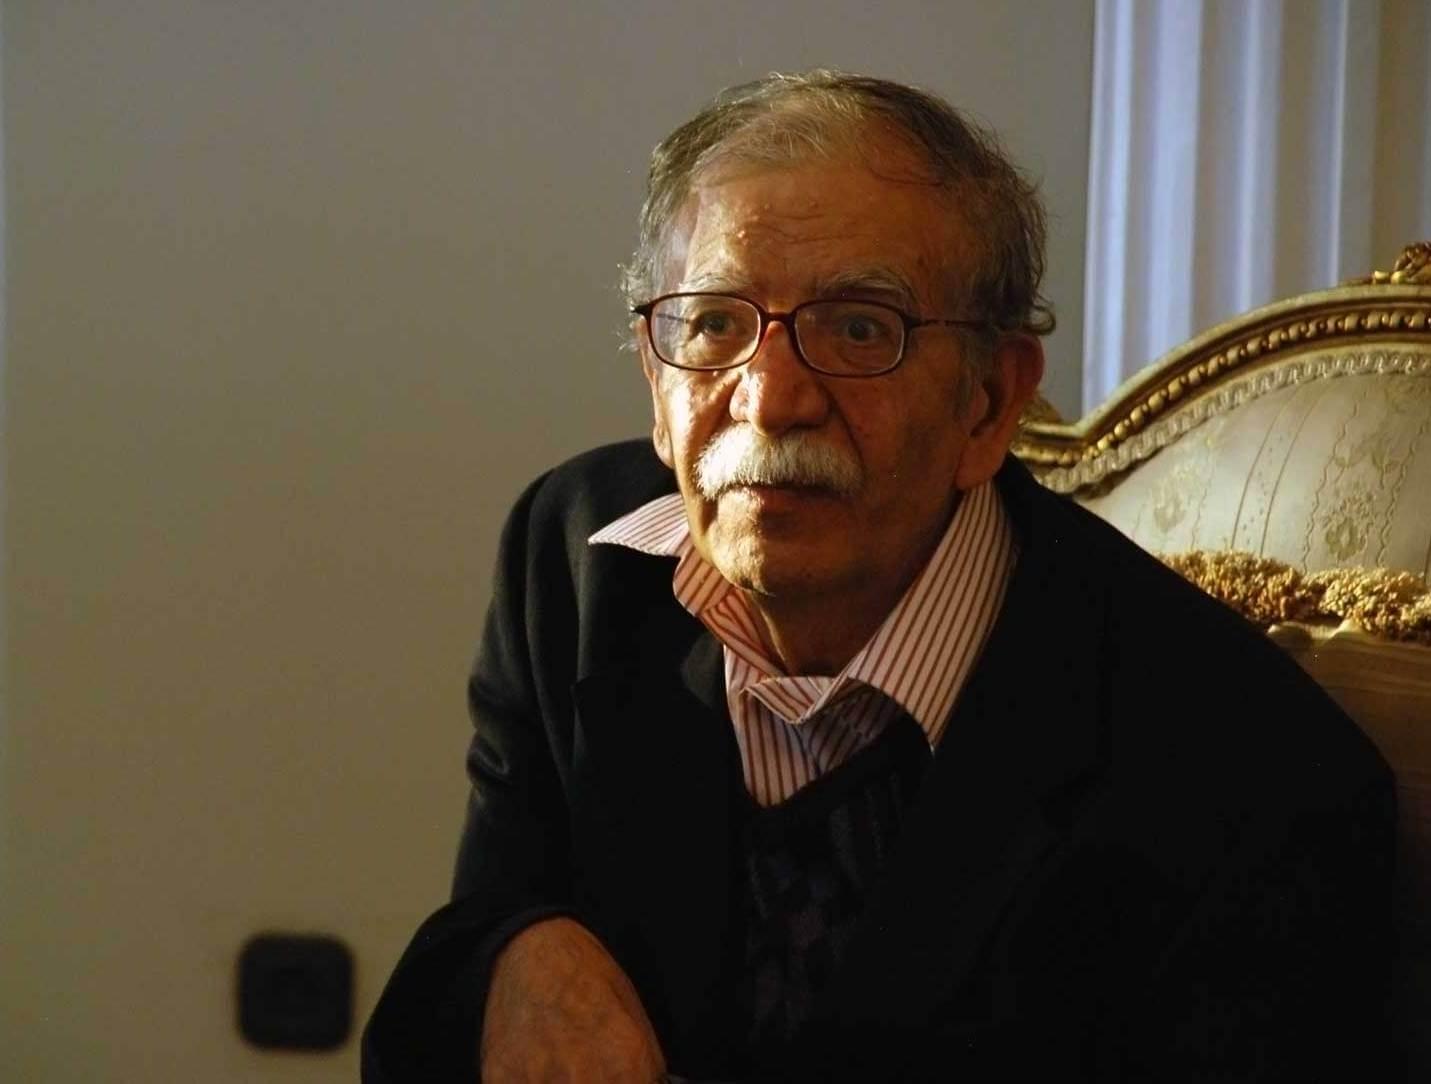 ملتی كه به سانسور عادت كند، نه كتاب  شما را می خواند نه كتاب من را / گفتگو با علی اشرف درویشیان